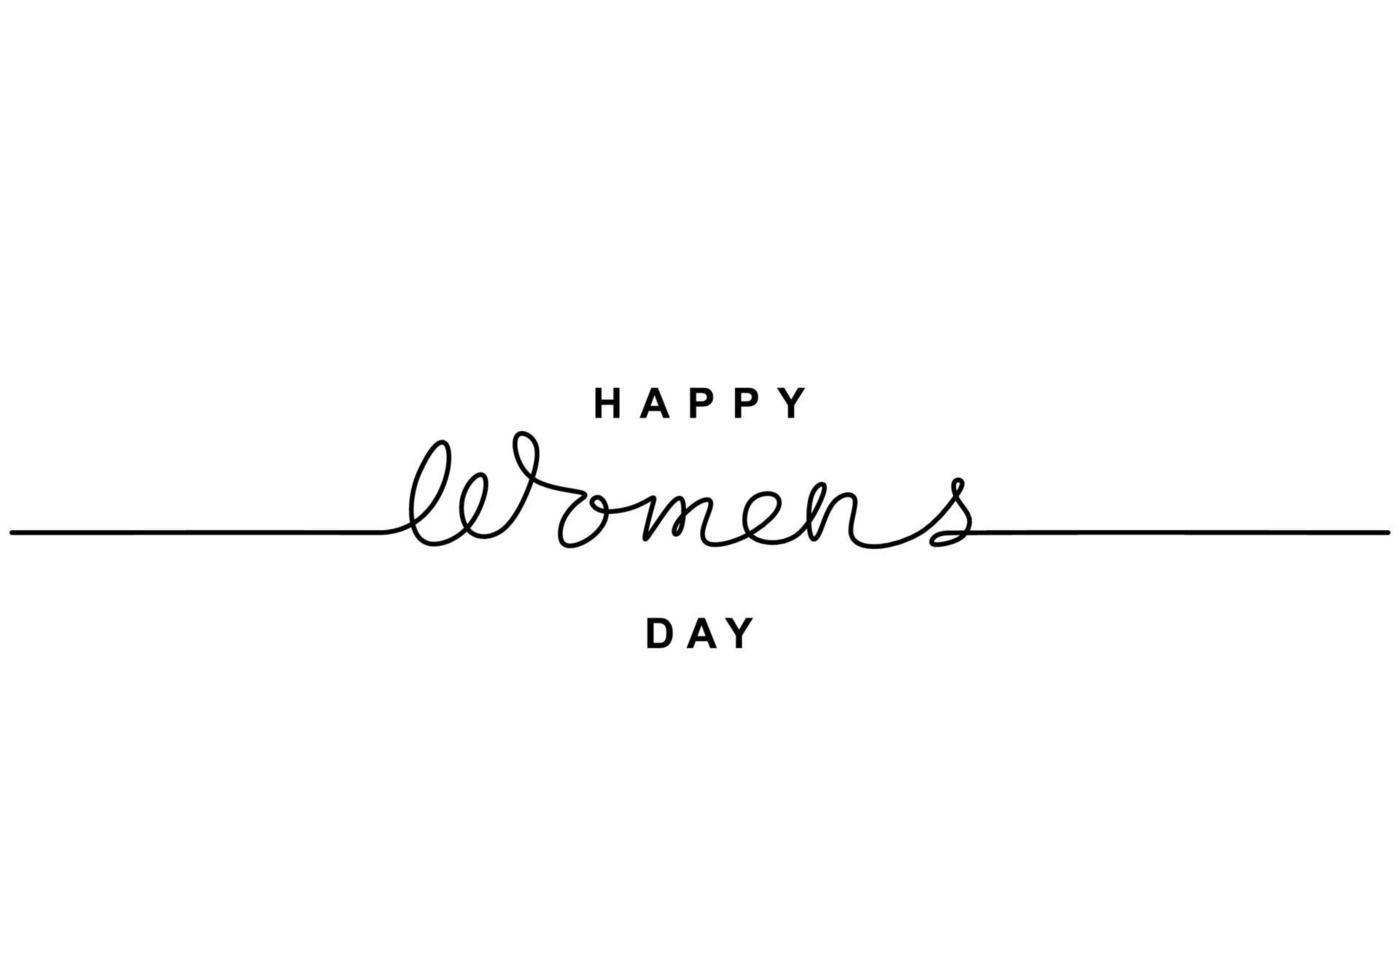 glückliche Frauentagsbeschriftung in fortlaufender Strichzeichnung. Internationaler Frauentag am 8. März. Konzept Frauentag isoliert auf weißem Hintergrund. Vektor handgemachte kalligraphische für Grußkarte